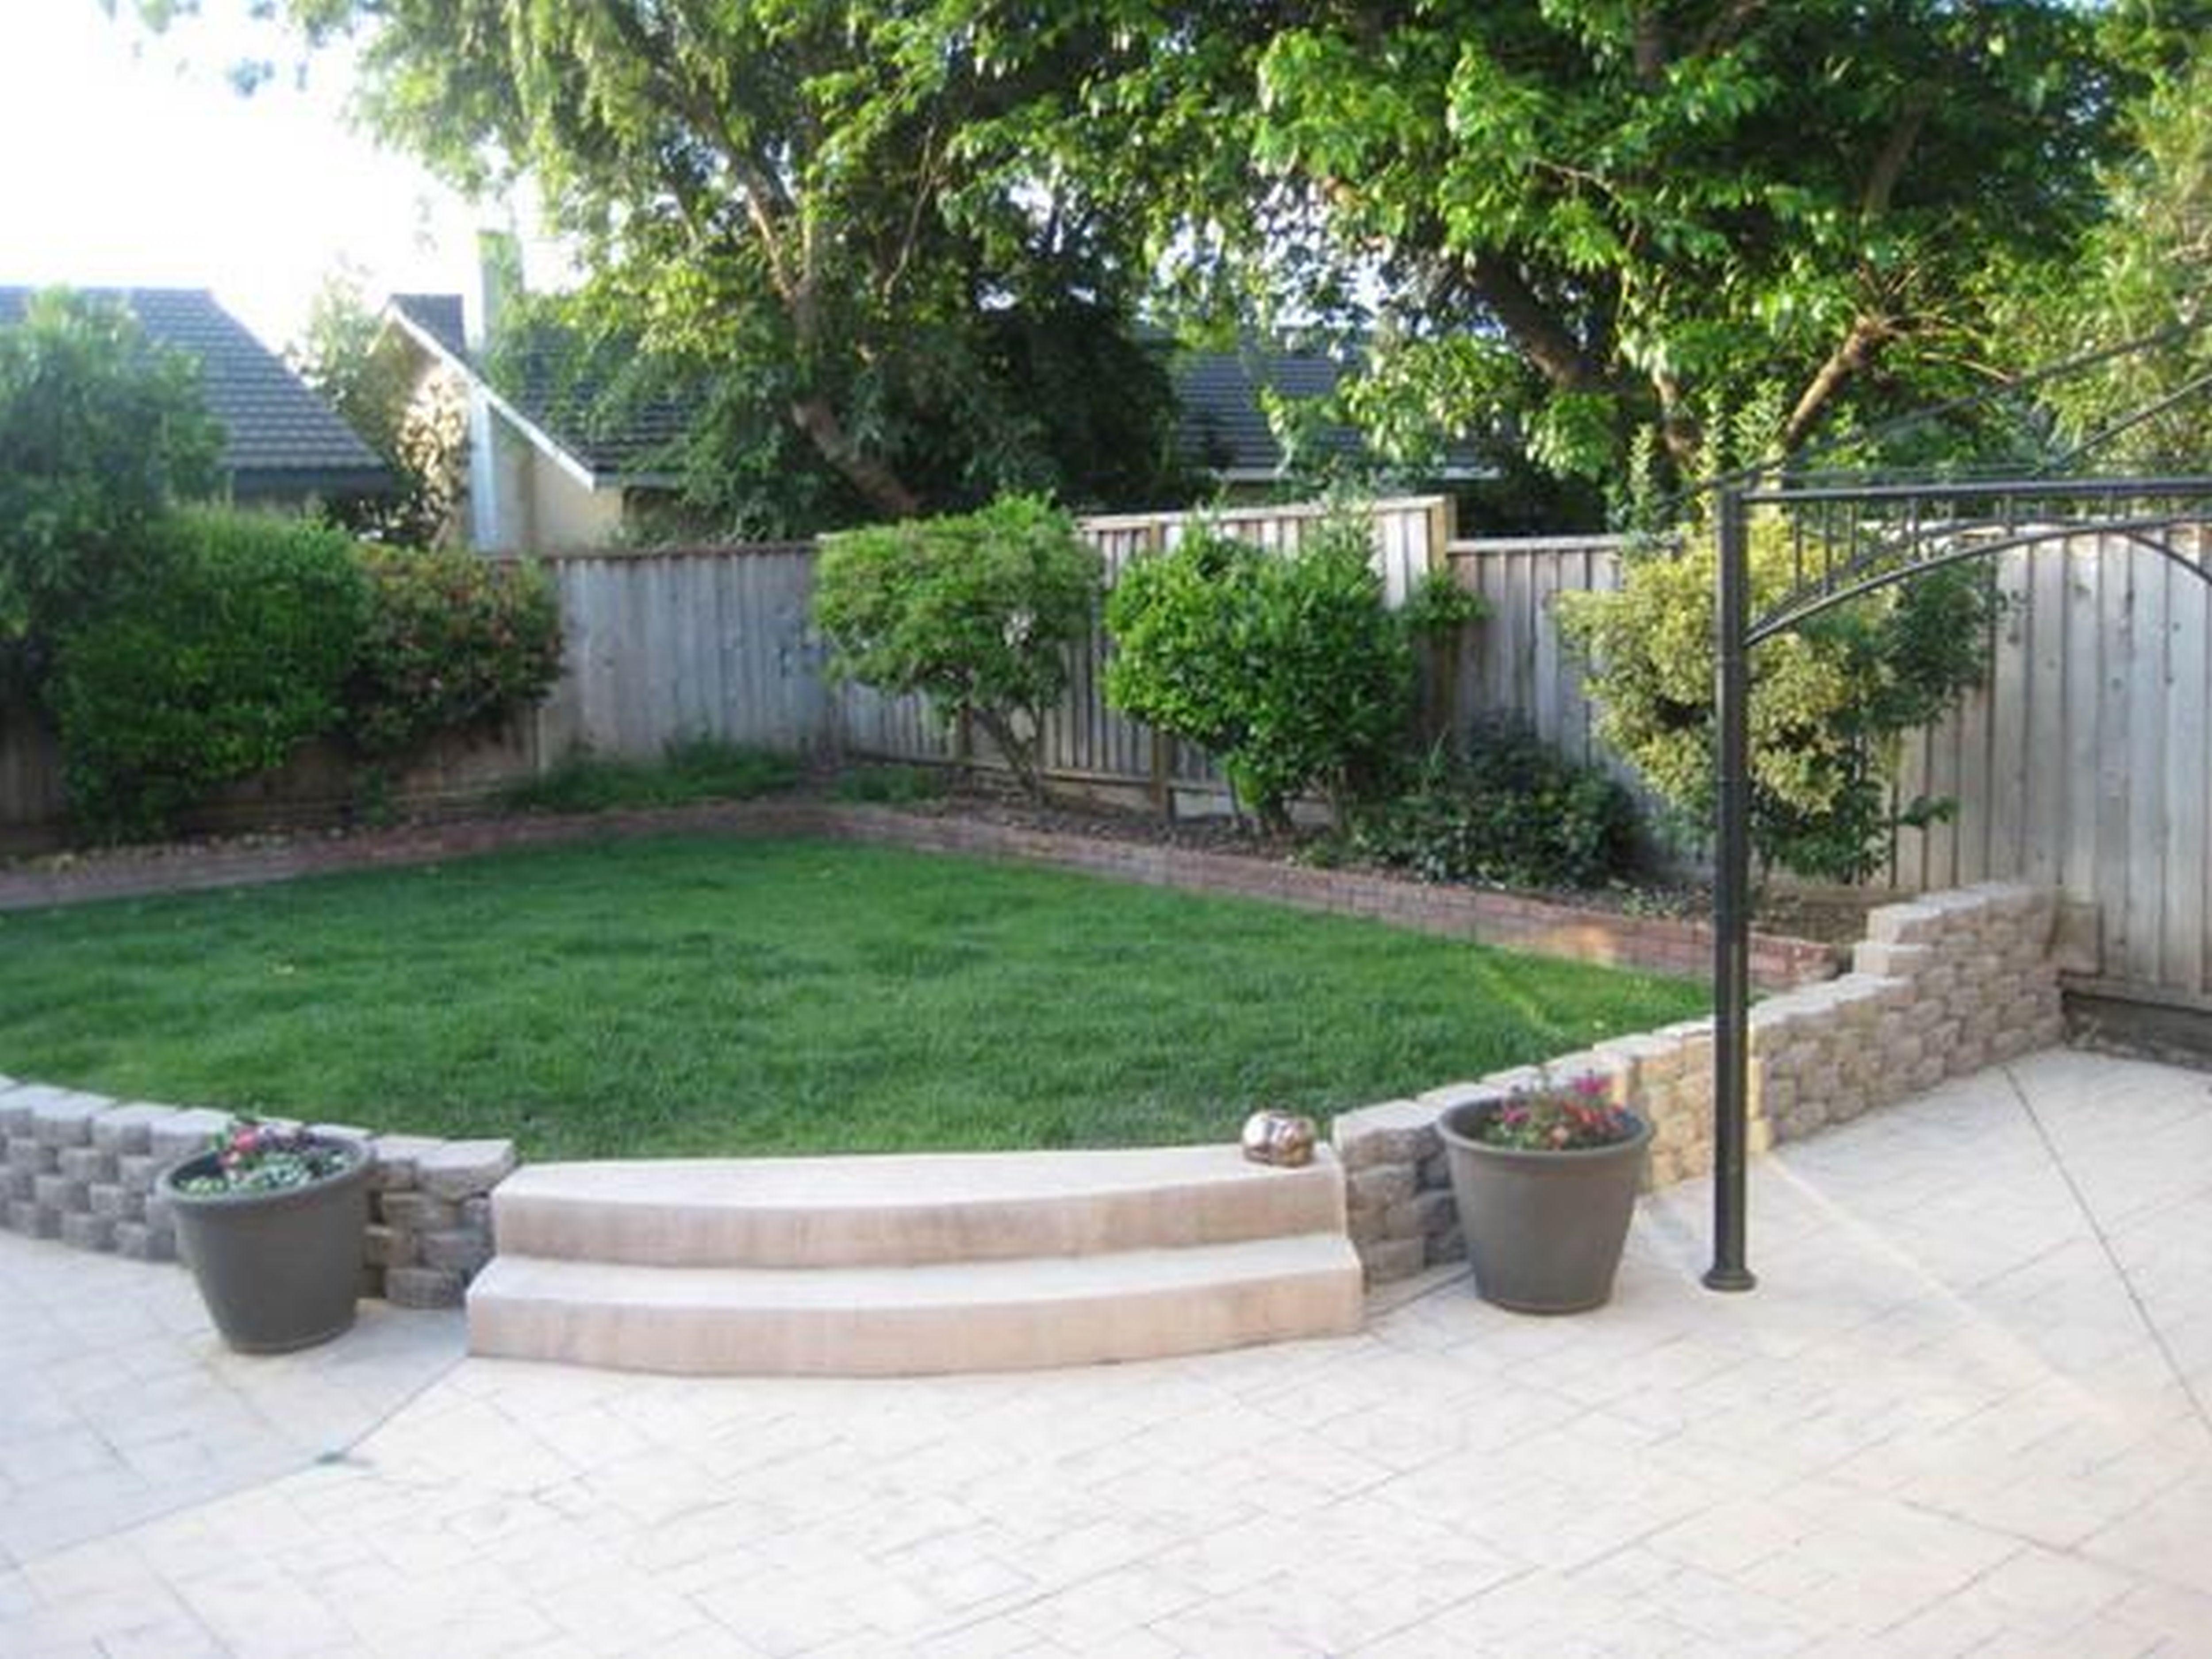 easy garden design ideas photo - 10